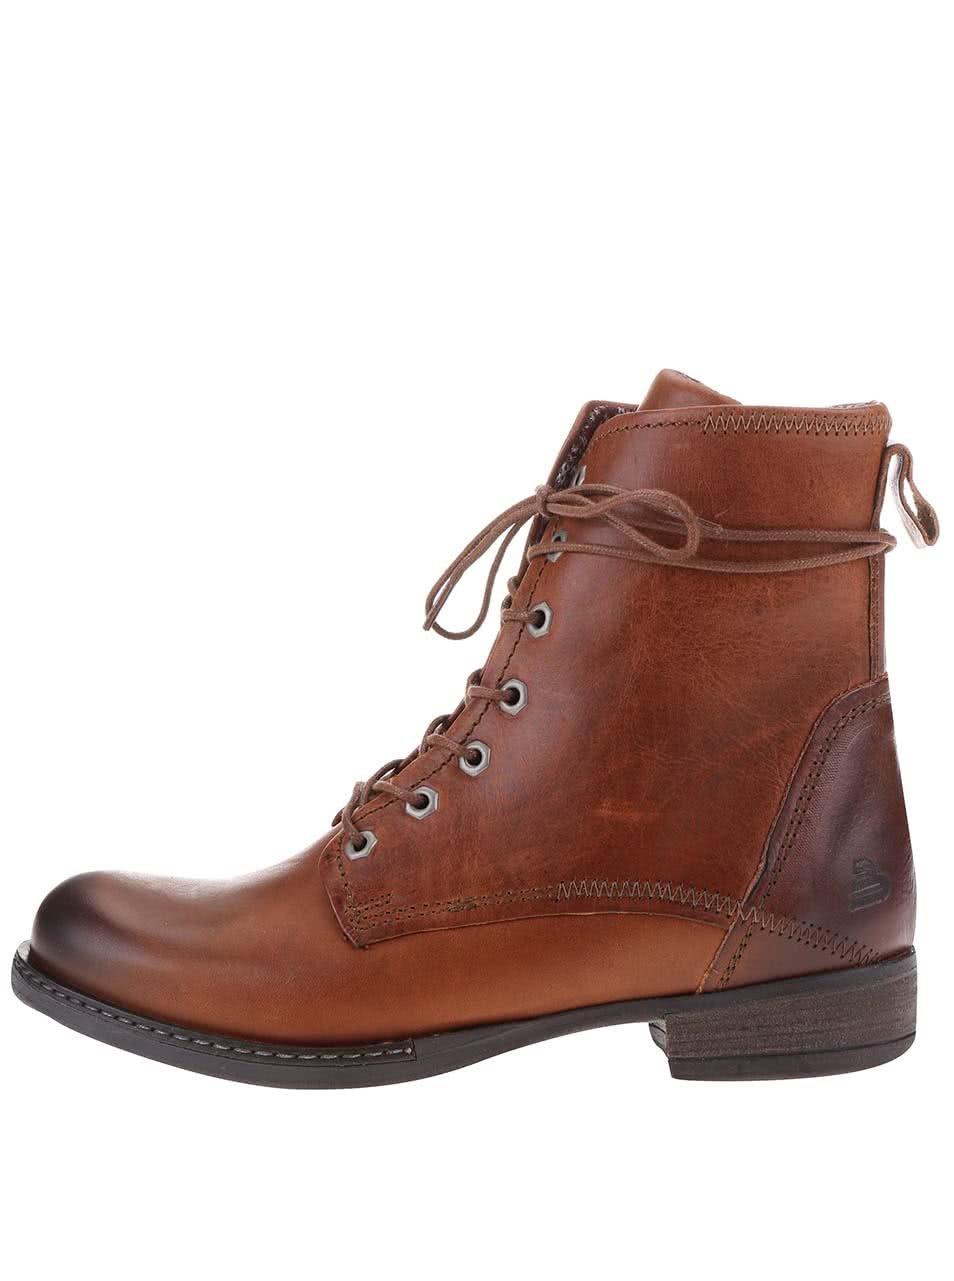 Hnědé dámské kožené šněrovací boty Bullboxer ... 11127b10f9